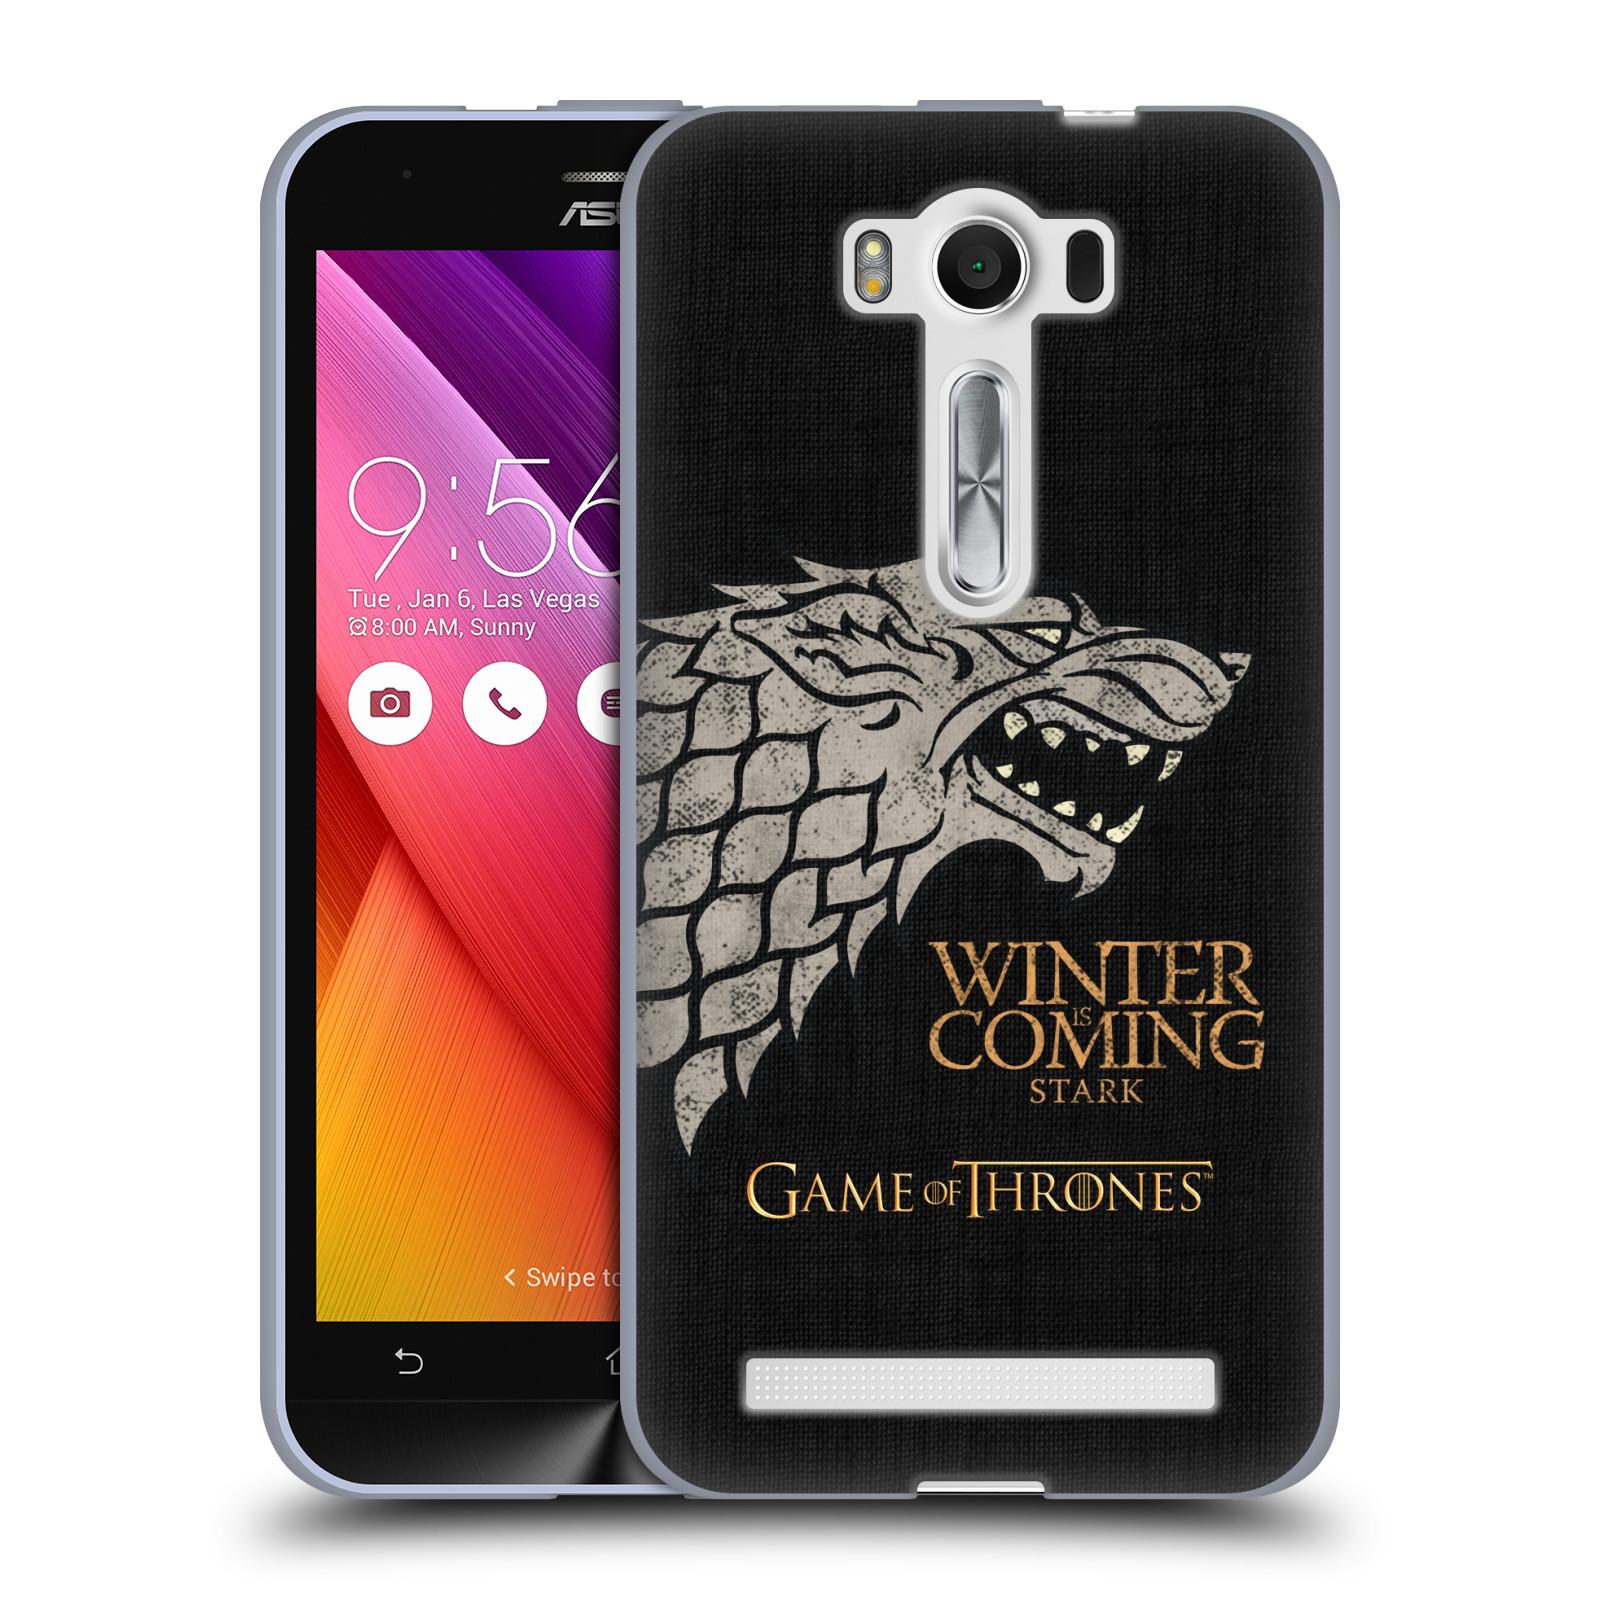 """Silikonové pouzdro na mobil Asus ZenFone 2 Laser ZE500KL HEAD CASE Hra o trůny - Stark House Motto (Silikonový kryt či obal na mobilní telefon s licencovaným motivem Hra o trůny - Game Of Thrones pro Asus ZenFone 2 Laser ZE500KL s 5"""" displejem)"""